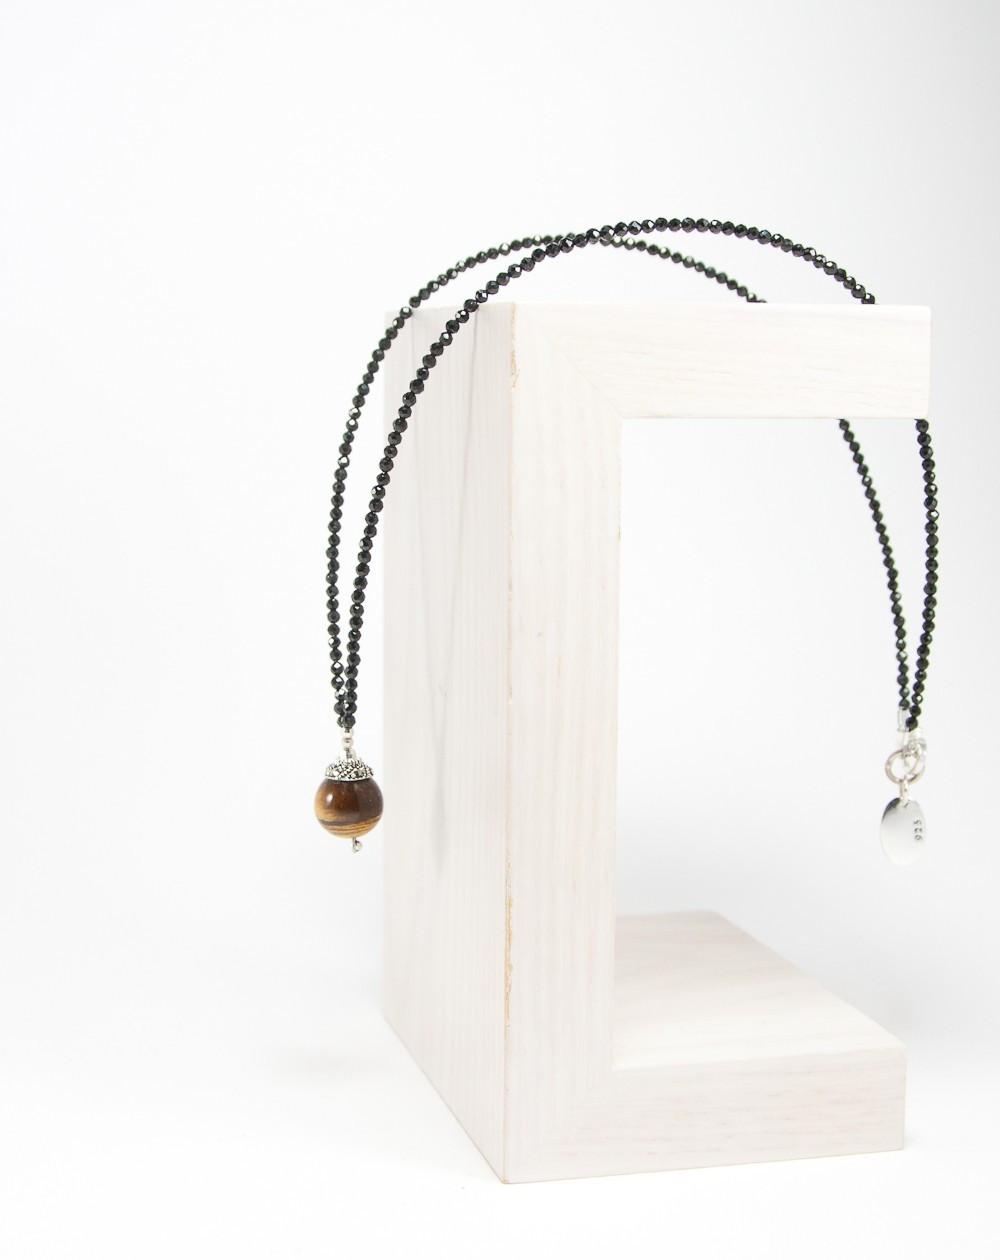 Collier spinelle noir, Oeil de tigre, Sanuk Création